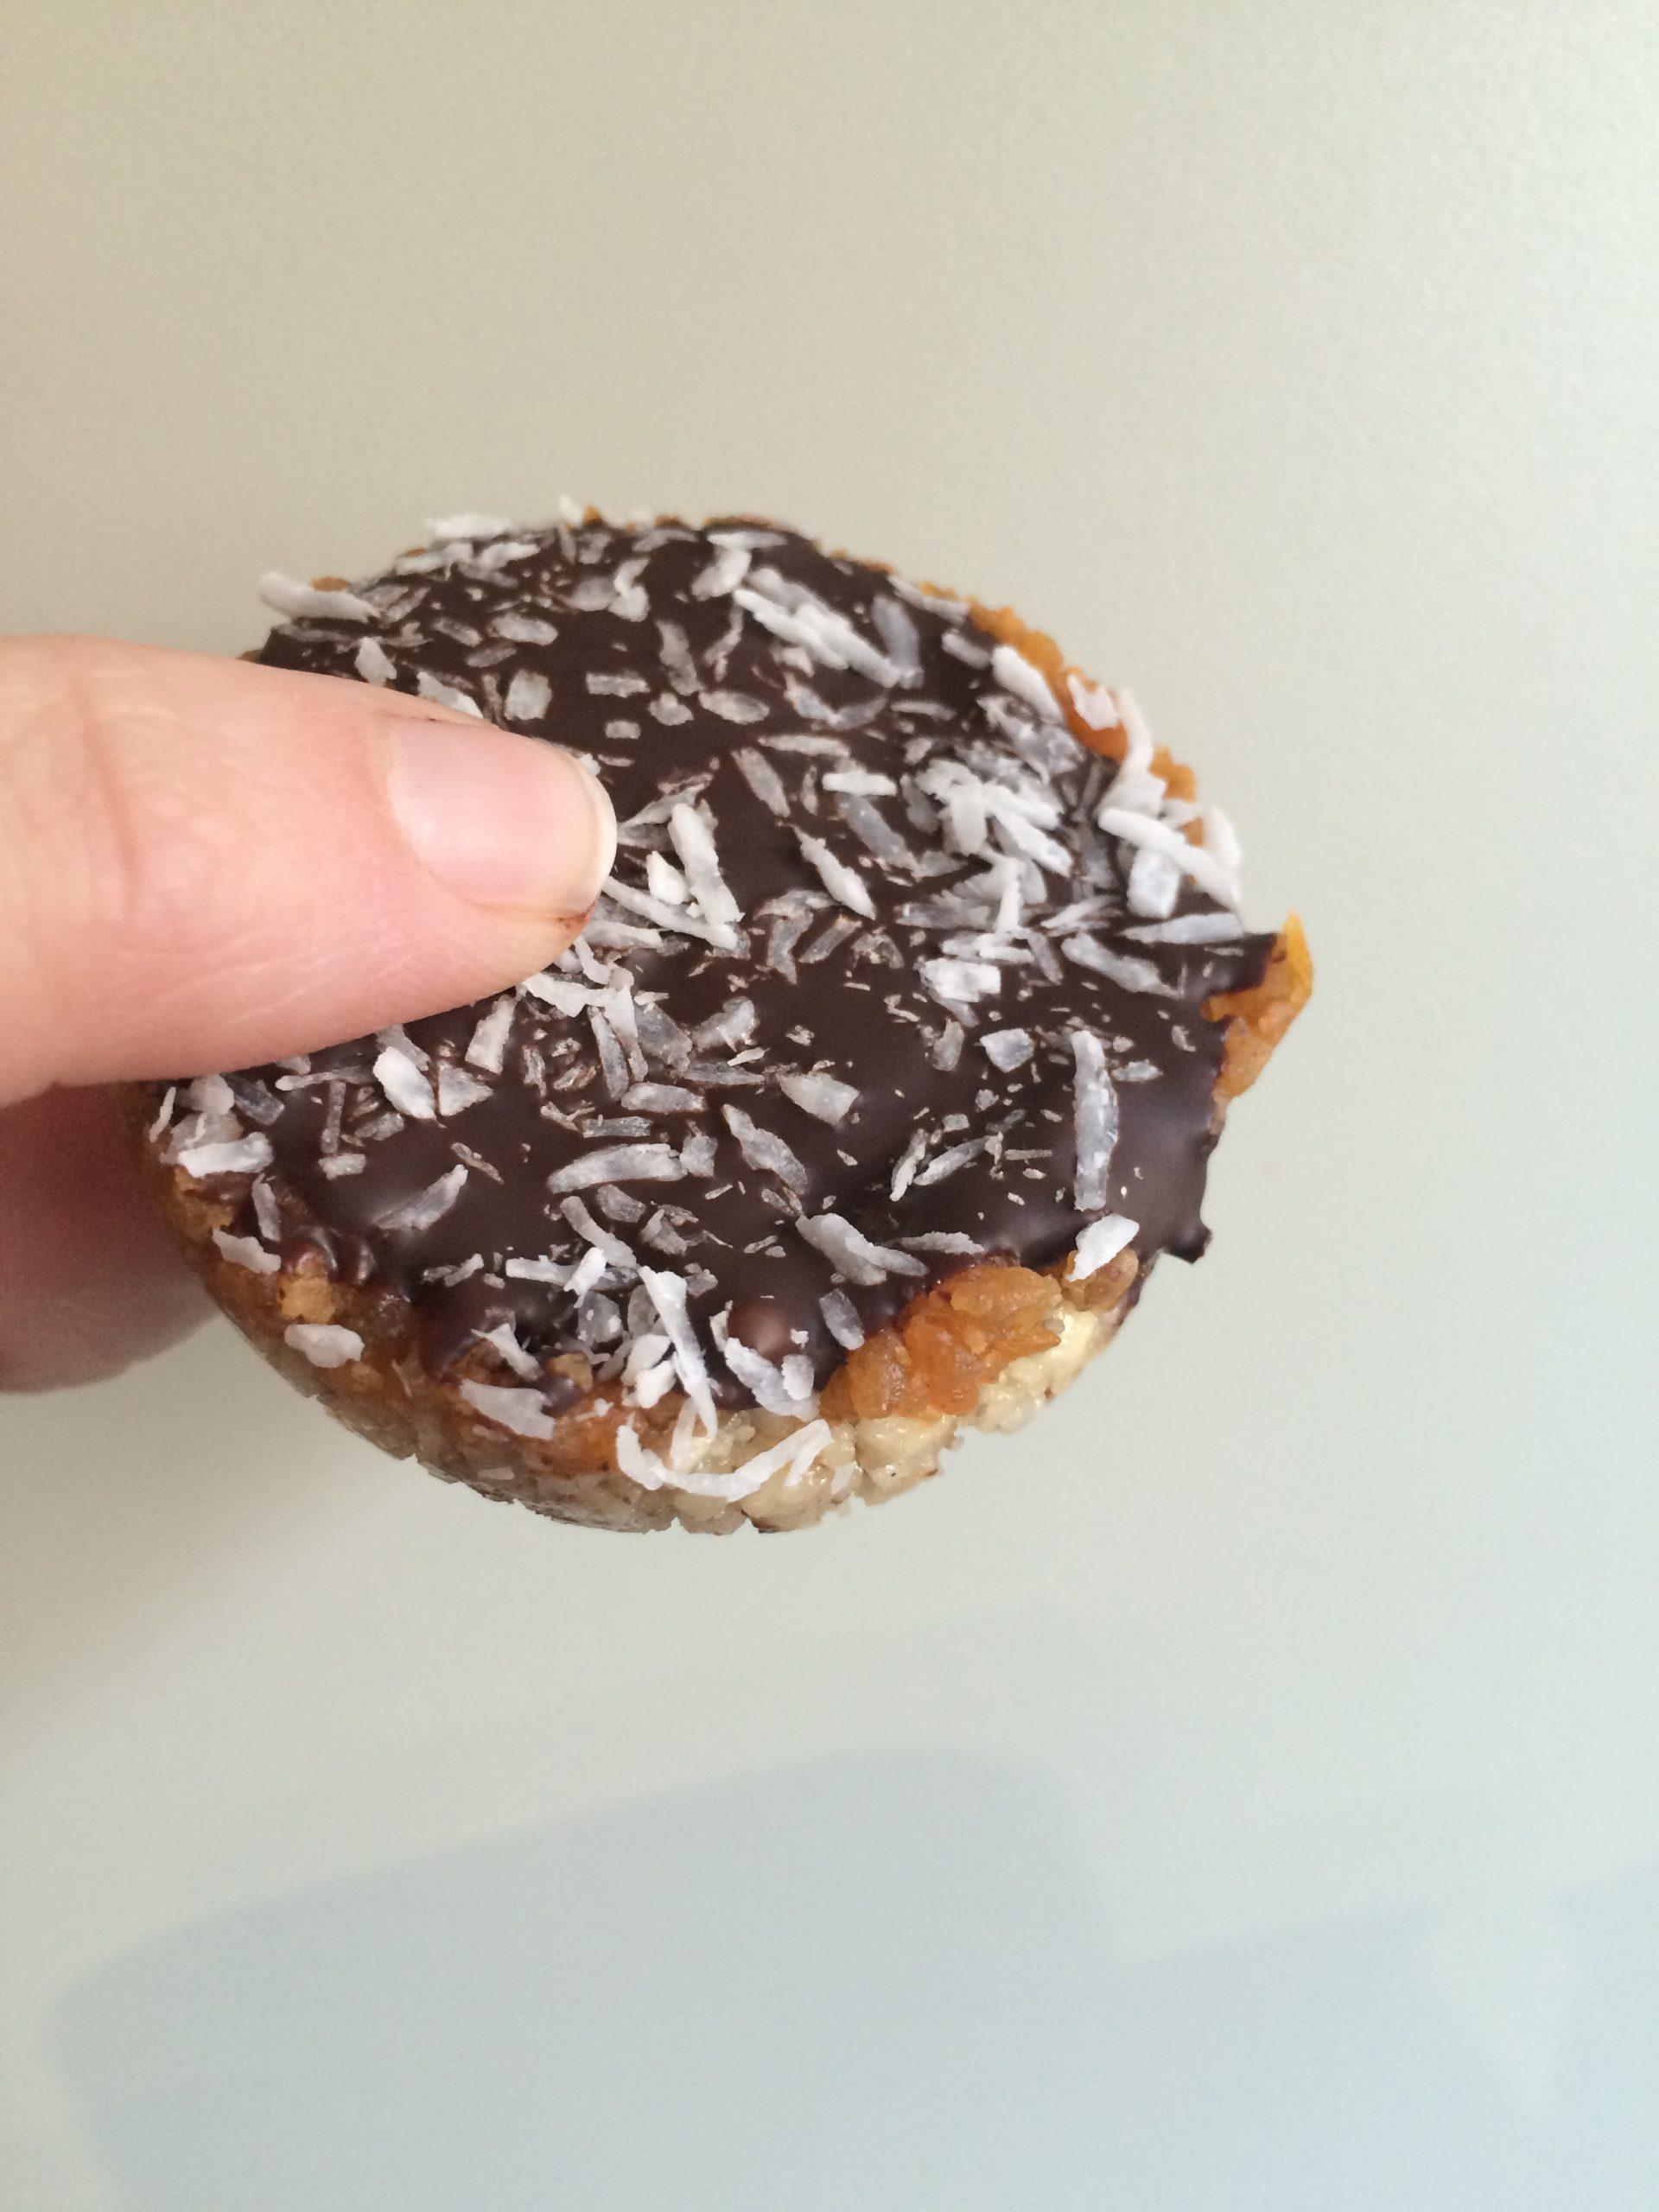 gezonde chocolade snack maken